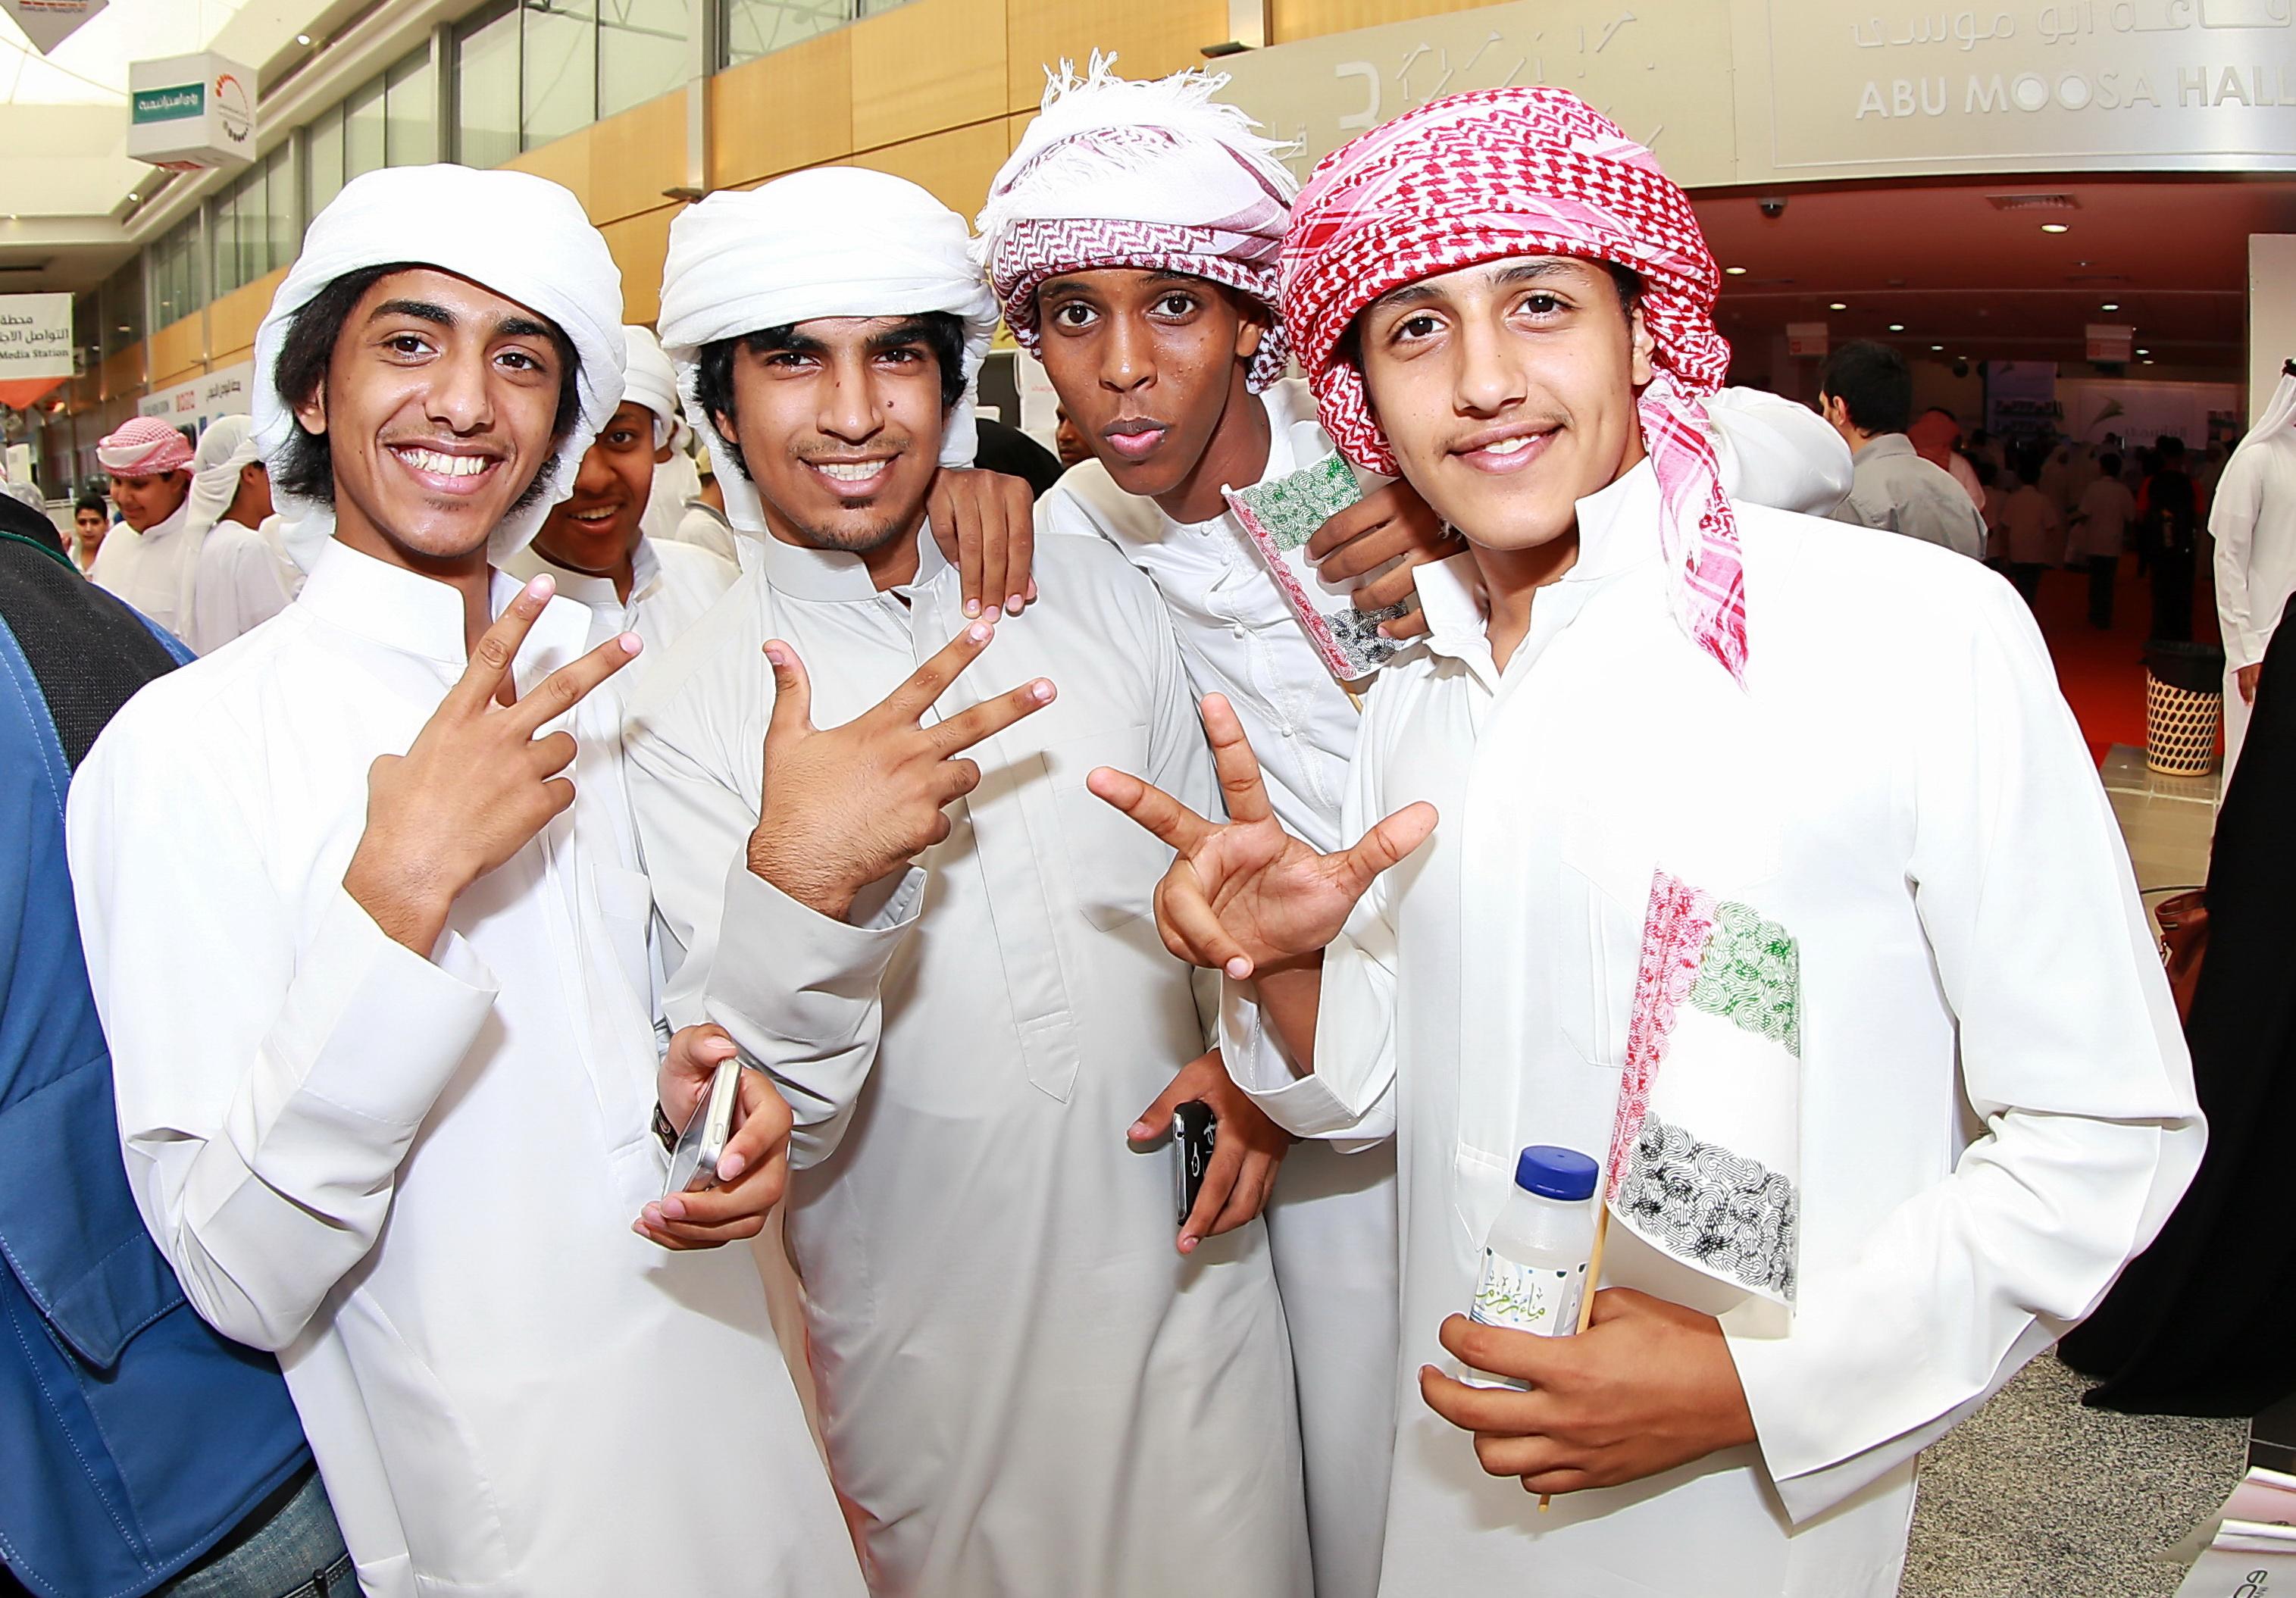 катар люди фото фотографироваться парами